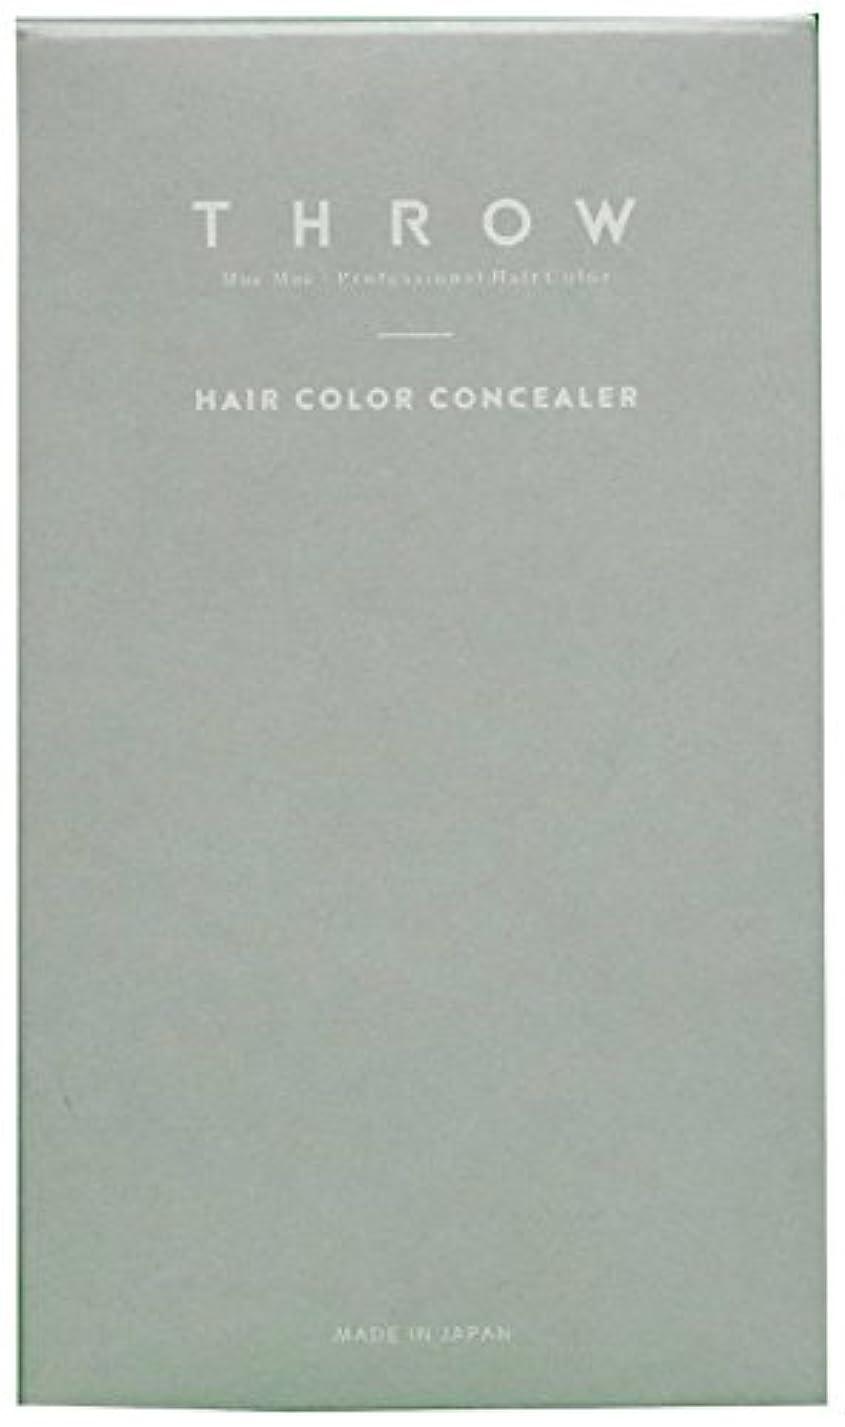 レーダー何故なの柔らかいスロウ ヘアカラーコンシーラー(ライトブラウンレギュラー)<毛髪着色料>専用パフ入り